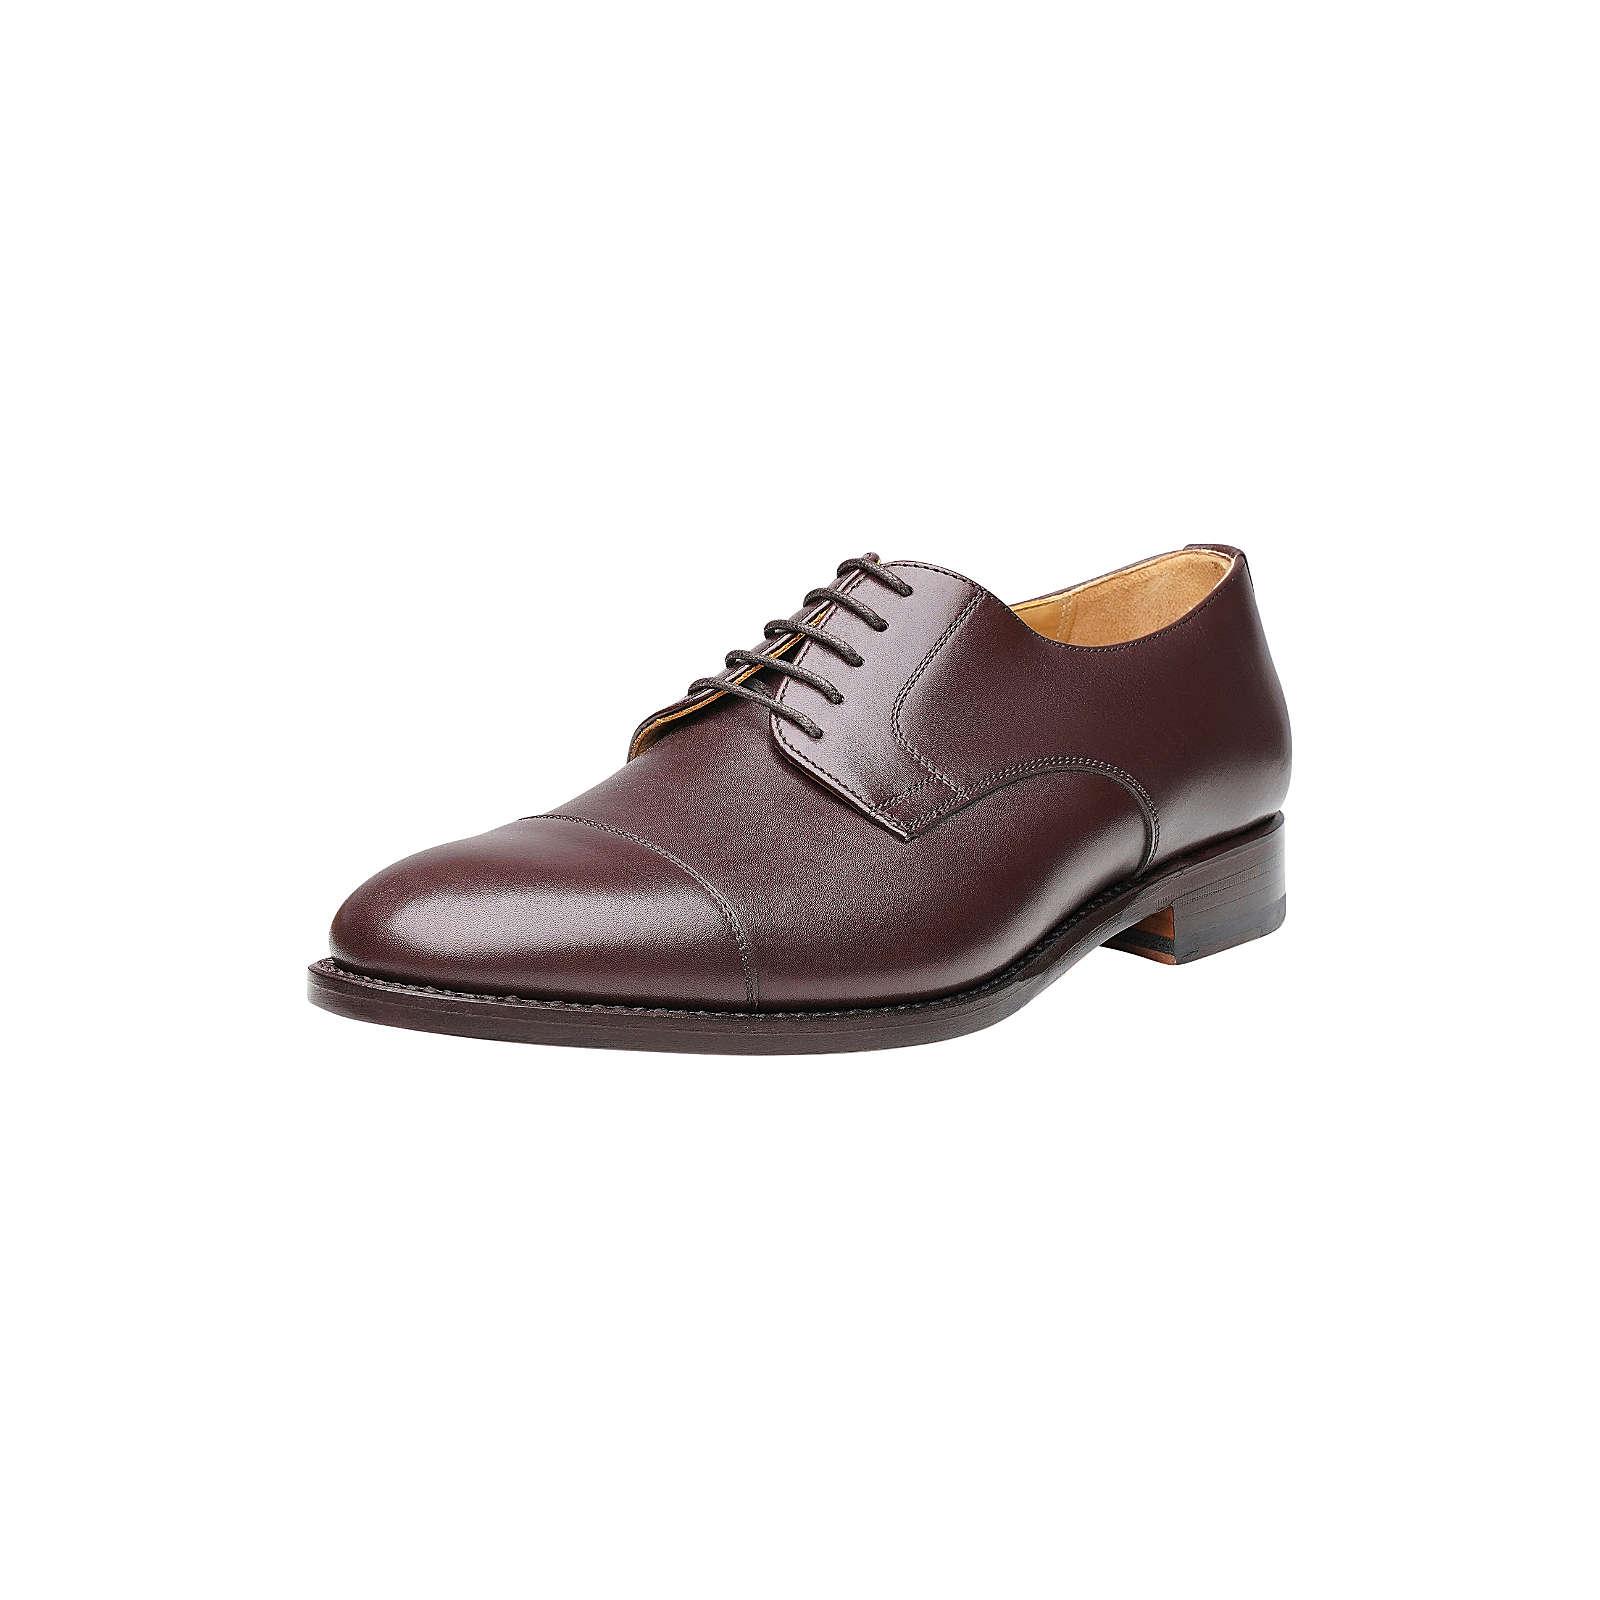 Shoepassion Businessschuhe No. 541 Business-Schnürschuhe dunkelbraun Herren Gr. 47